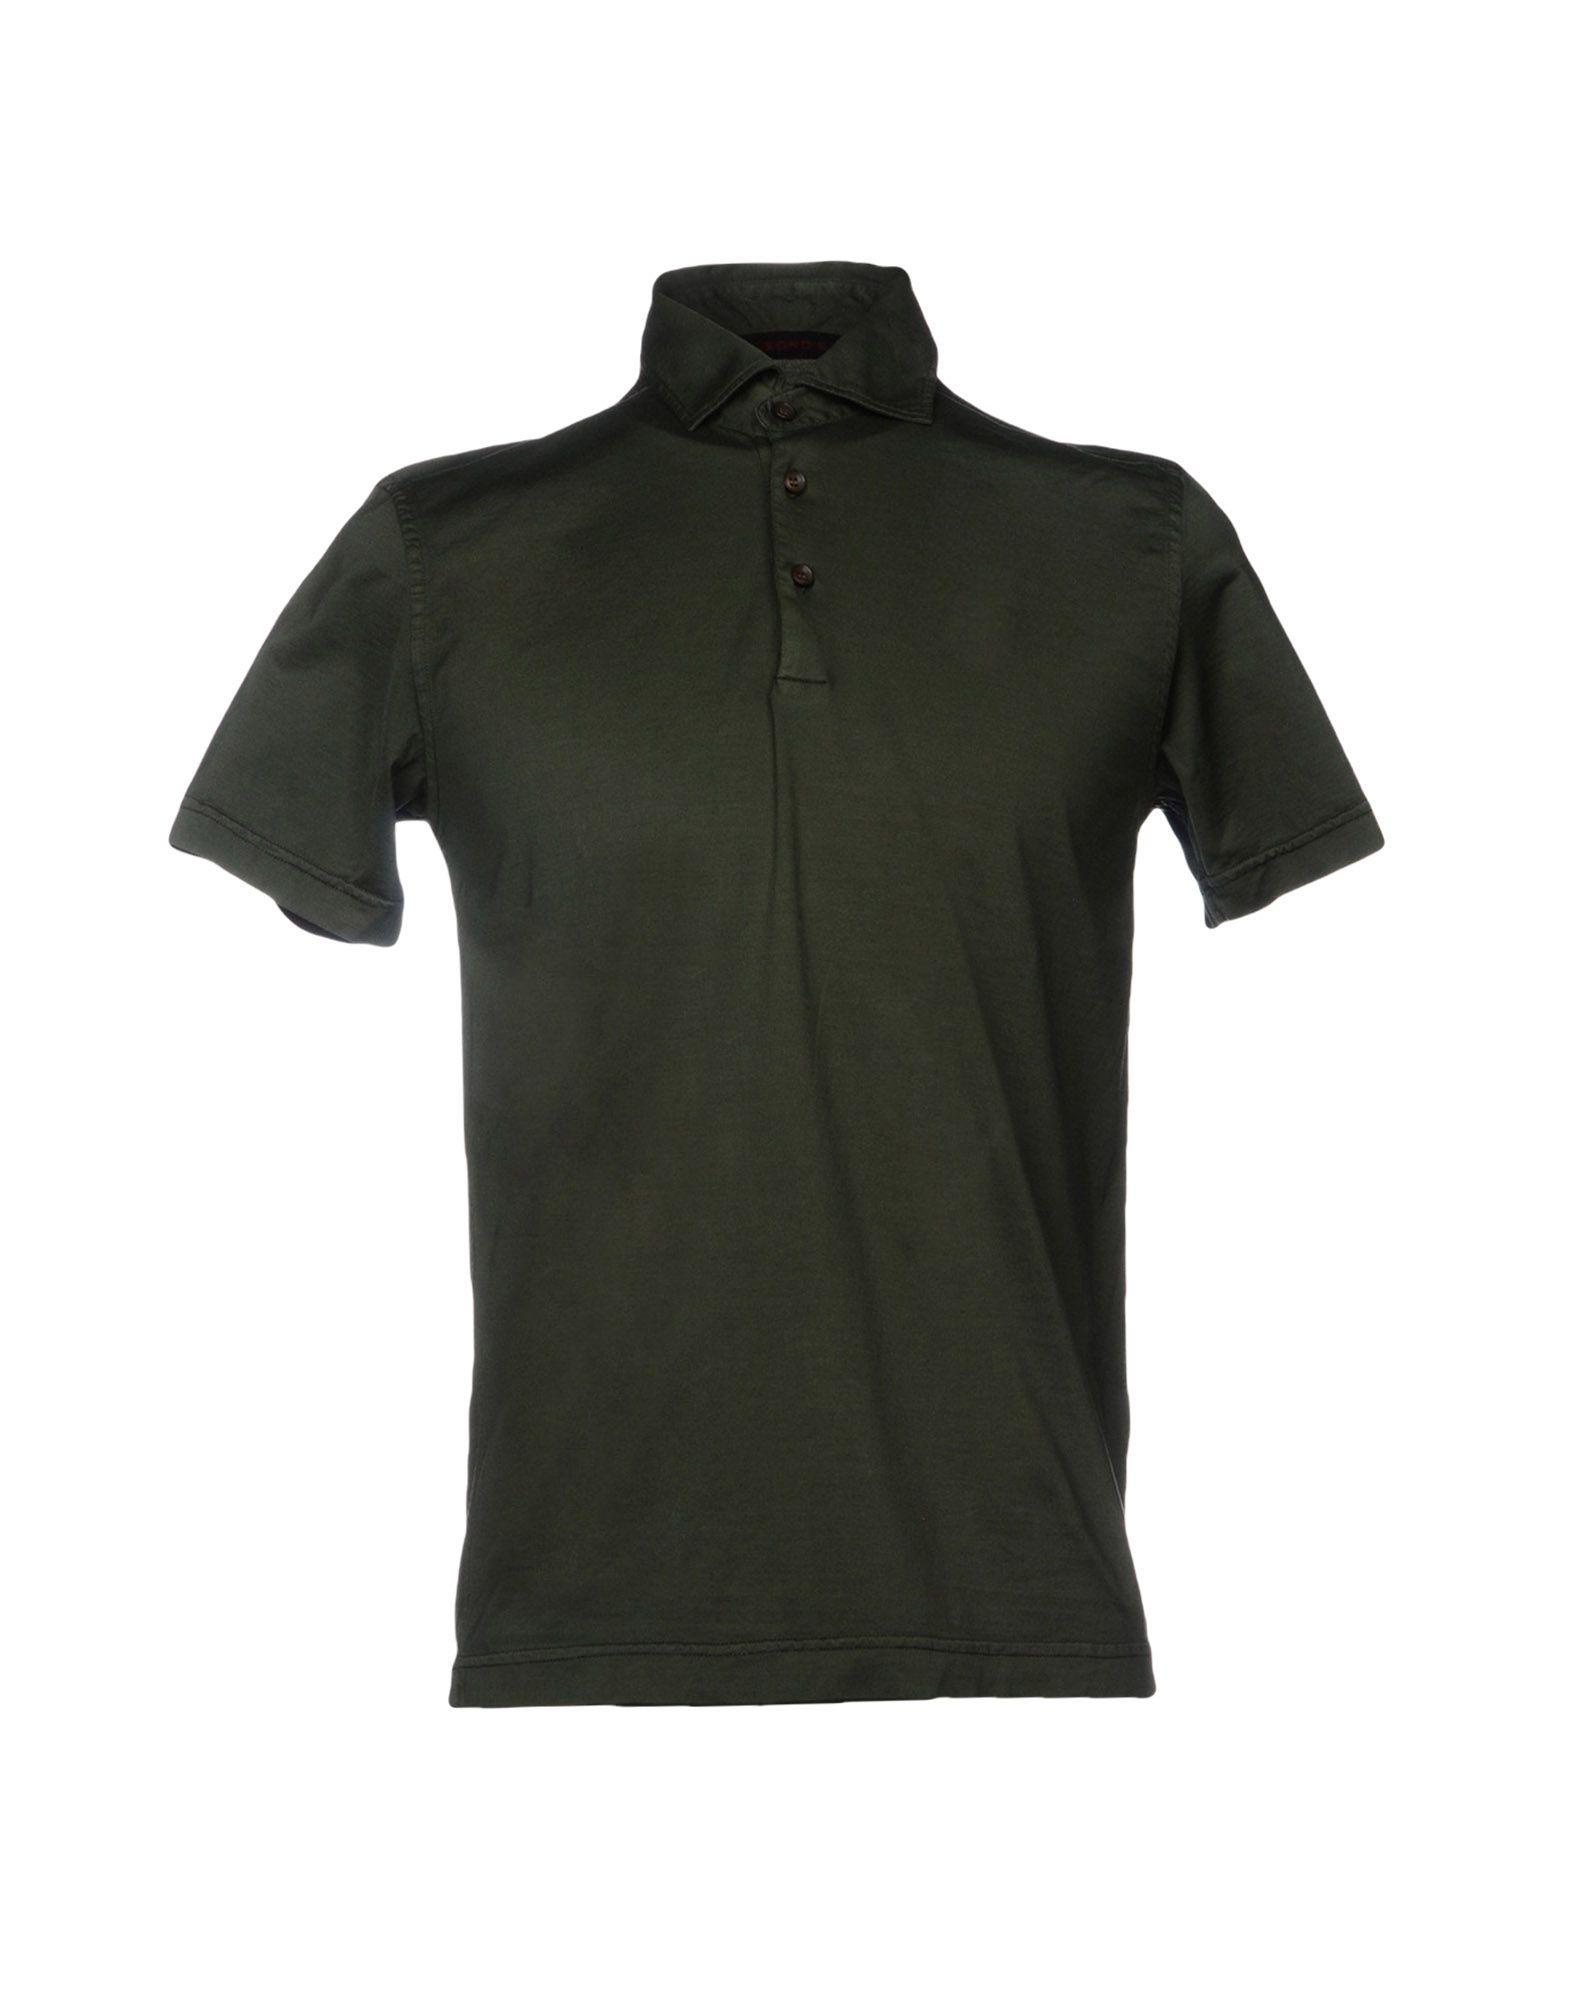 《セール開催中》JEORDIE'S メンズ ポロシャツ ミリタリーグリーン M スーピマ? 100%